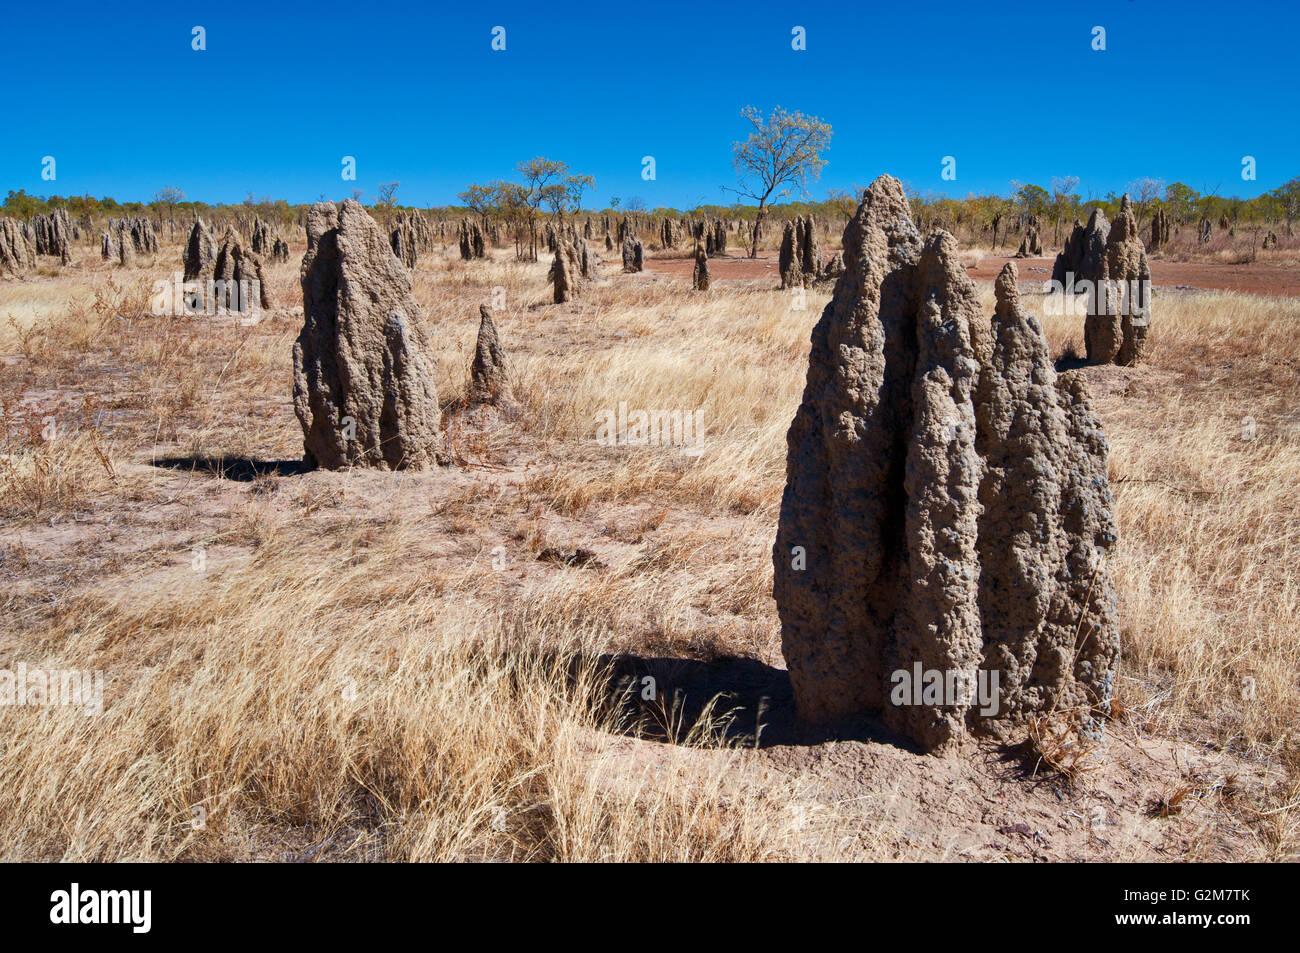 Termitières à côté du chemin de la savane, dans le nord tropical. Photo Stock